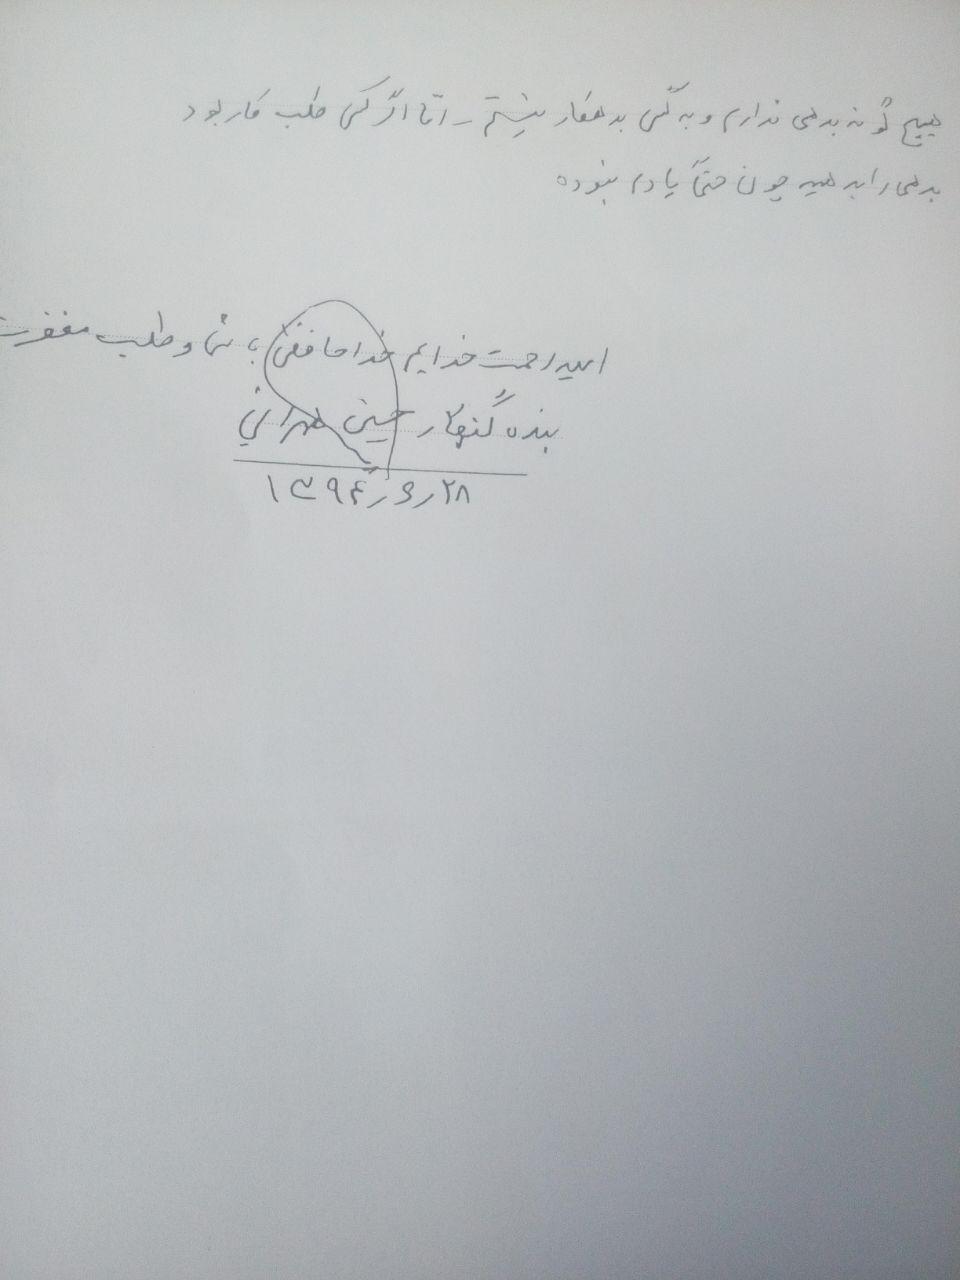 وصیت امیر دمشق برای بازماندگانش چه بود؟ + تصویر